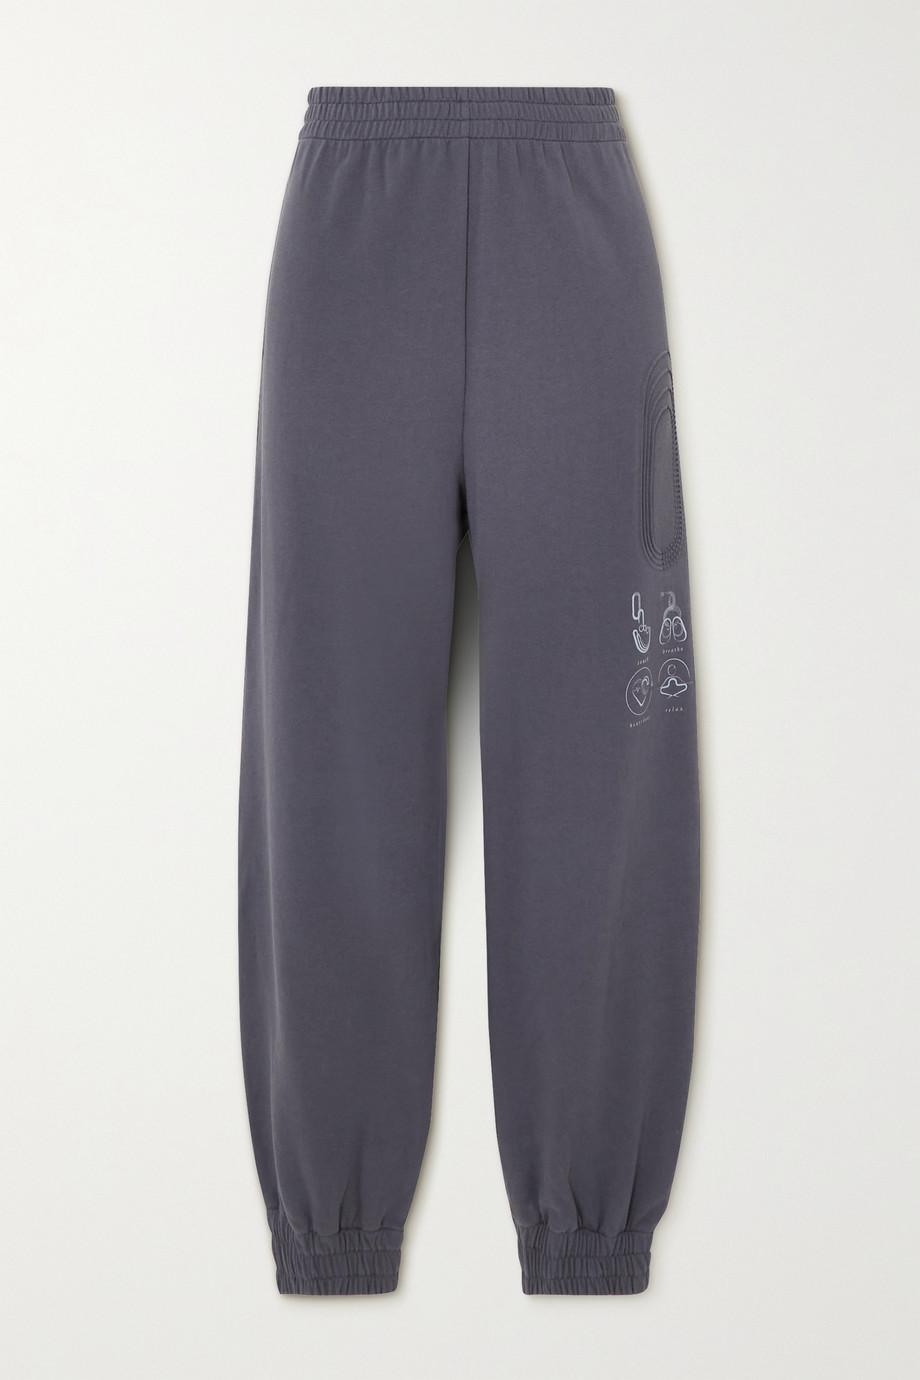 MCQ Breathe Jogginghose aus Baumwoll-Jersey mit Print und Prägung